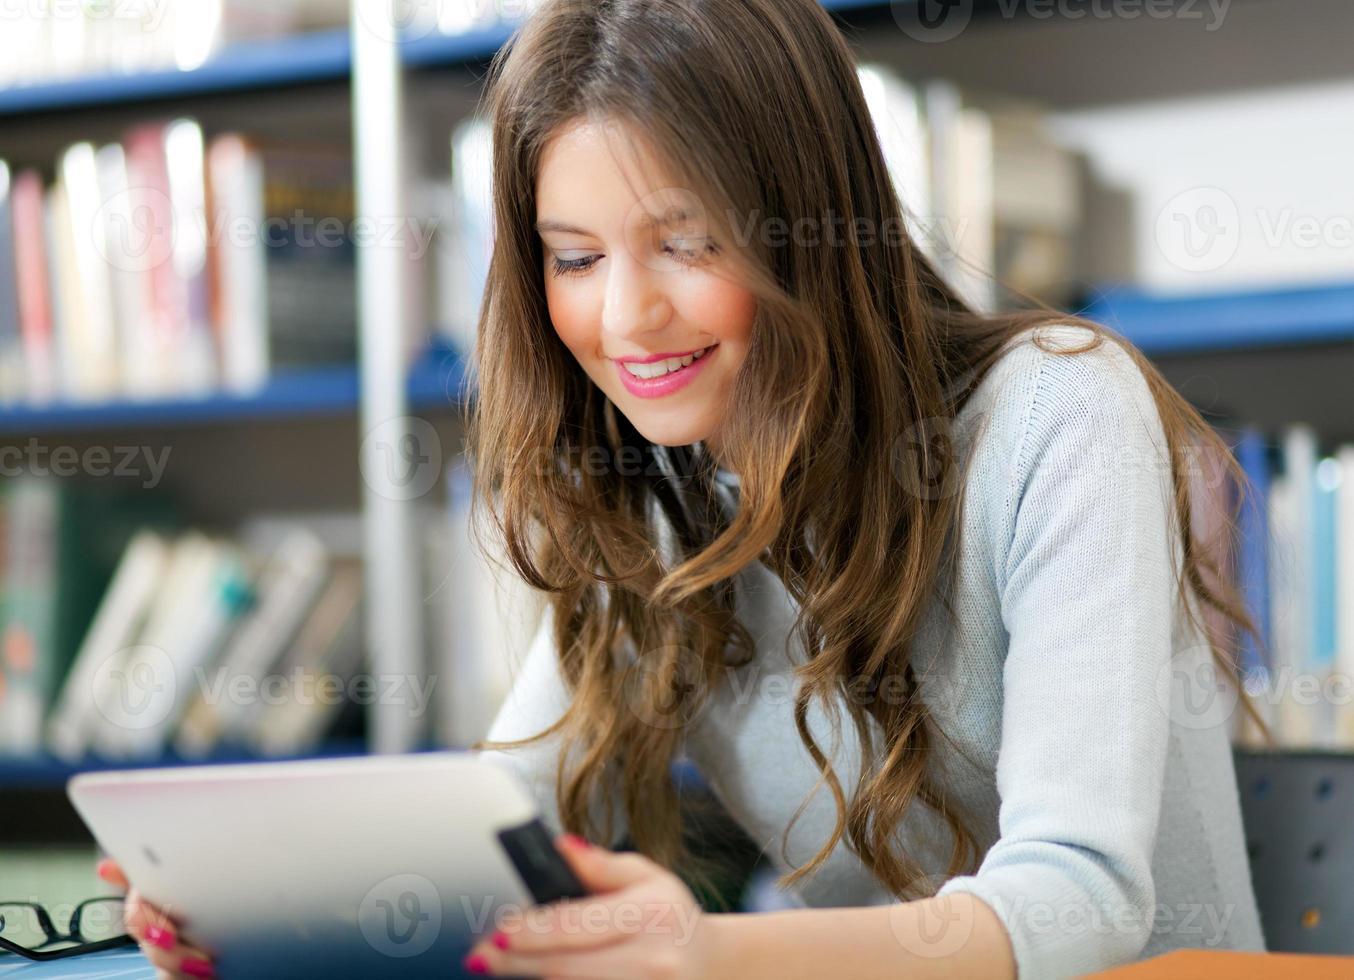 aluna usando um tablet foto